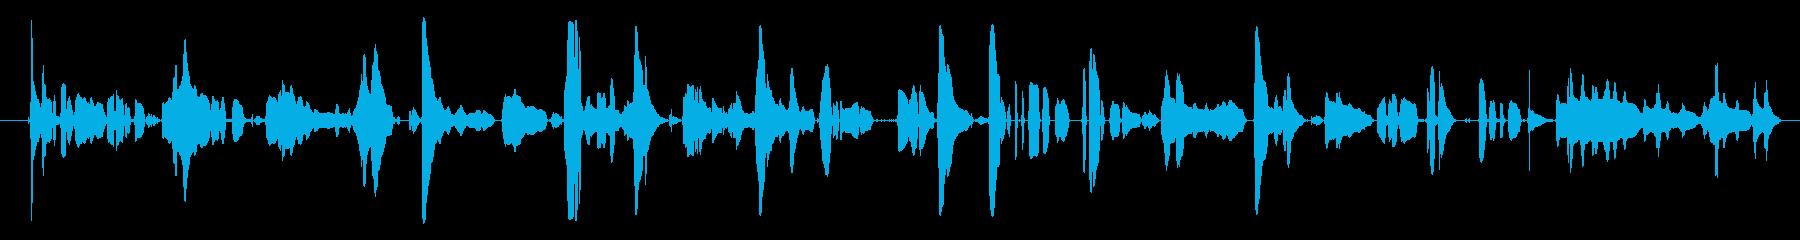 ハミング・ア・チューン、マン、ヒト...の再生済みの波形